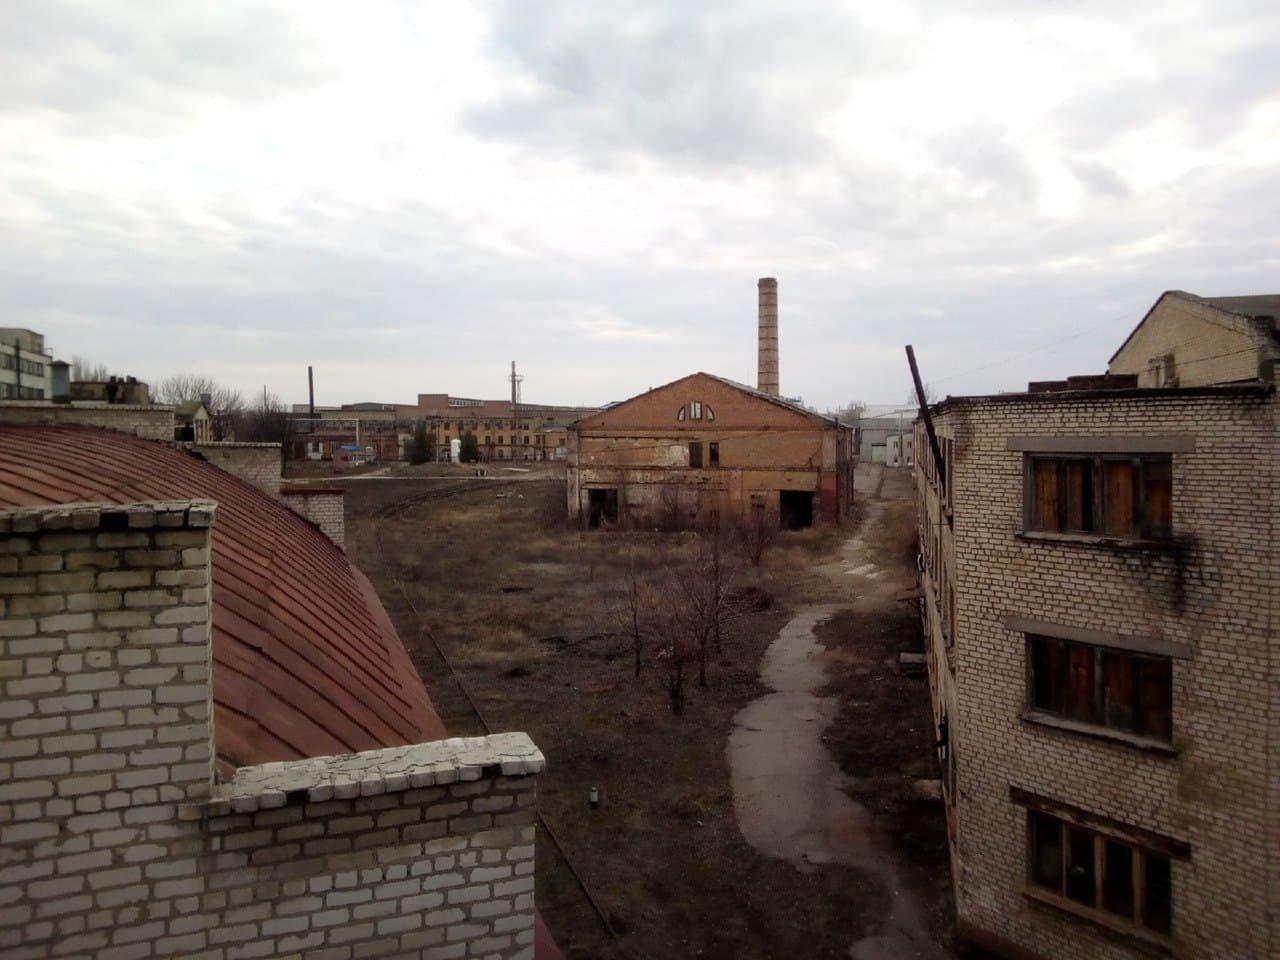 Банально распилили: что осталось от машзавода в оккупированном Луганске, - ФОТО, фото-3